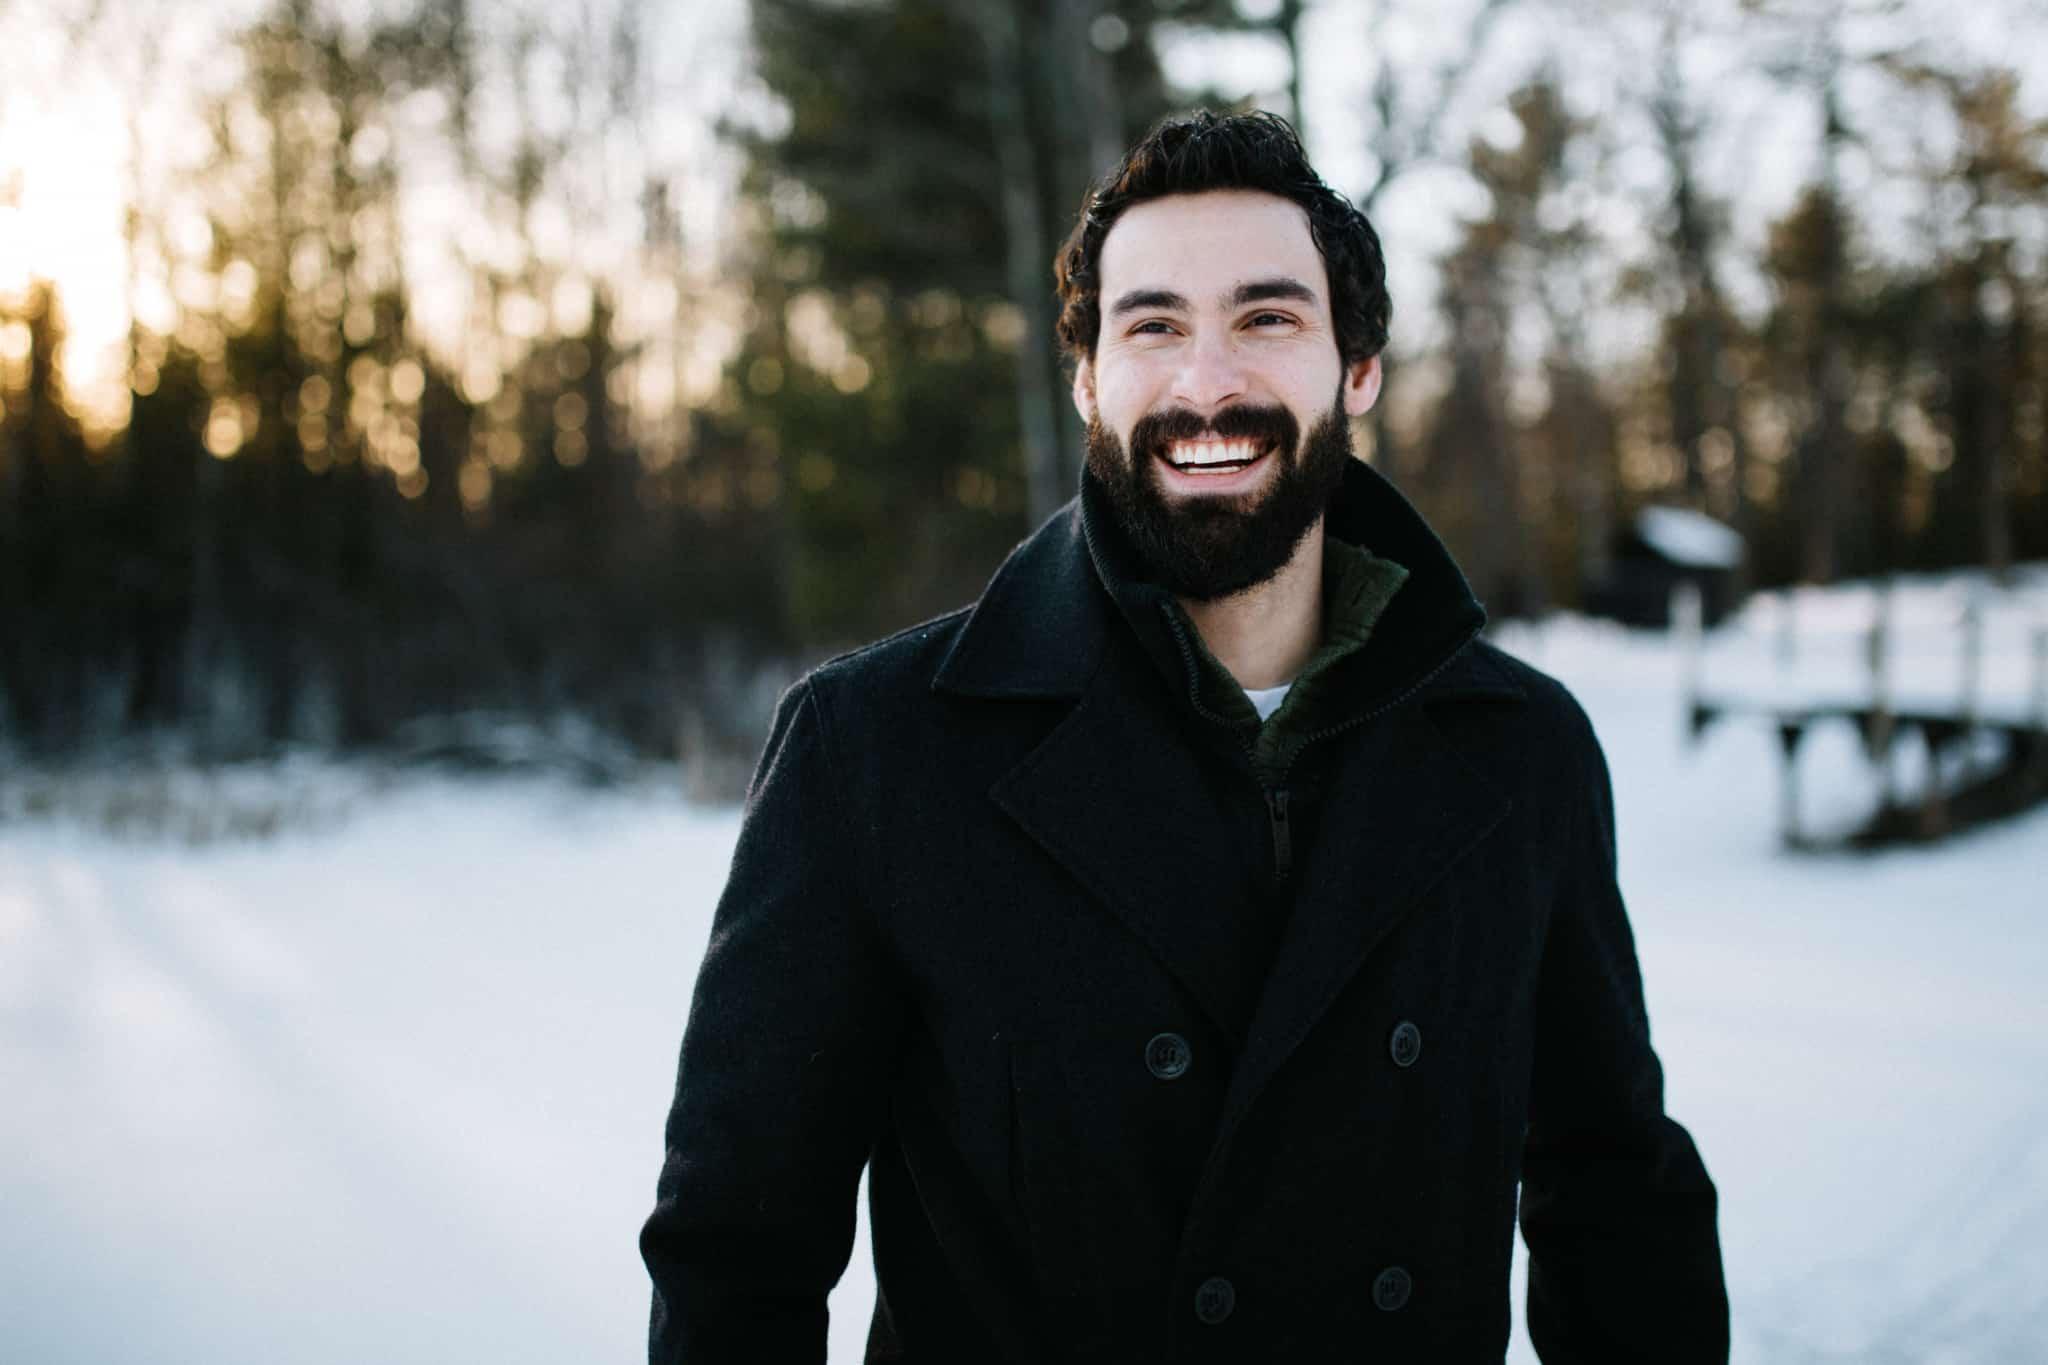 homem feliz na neve